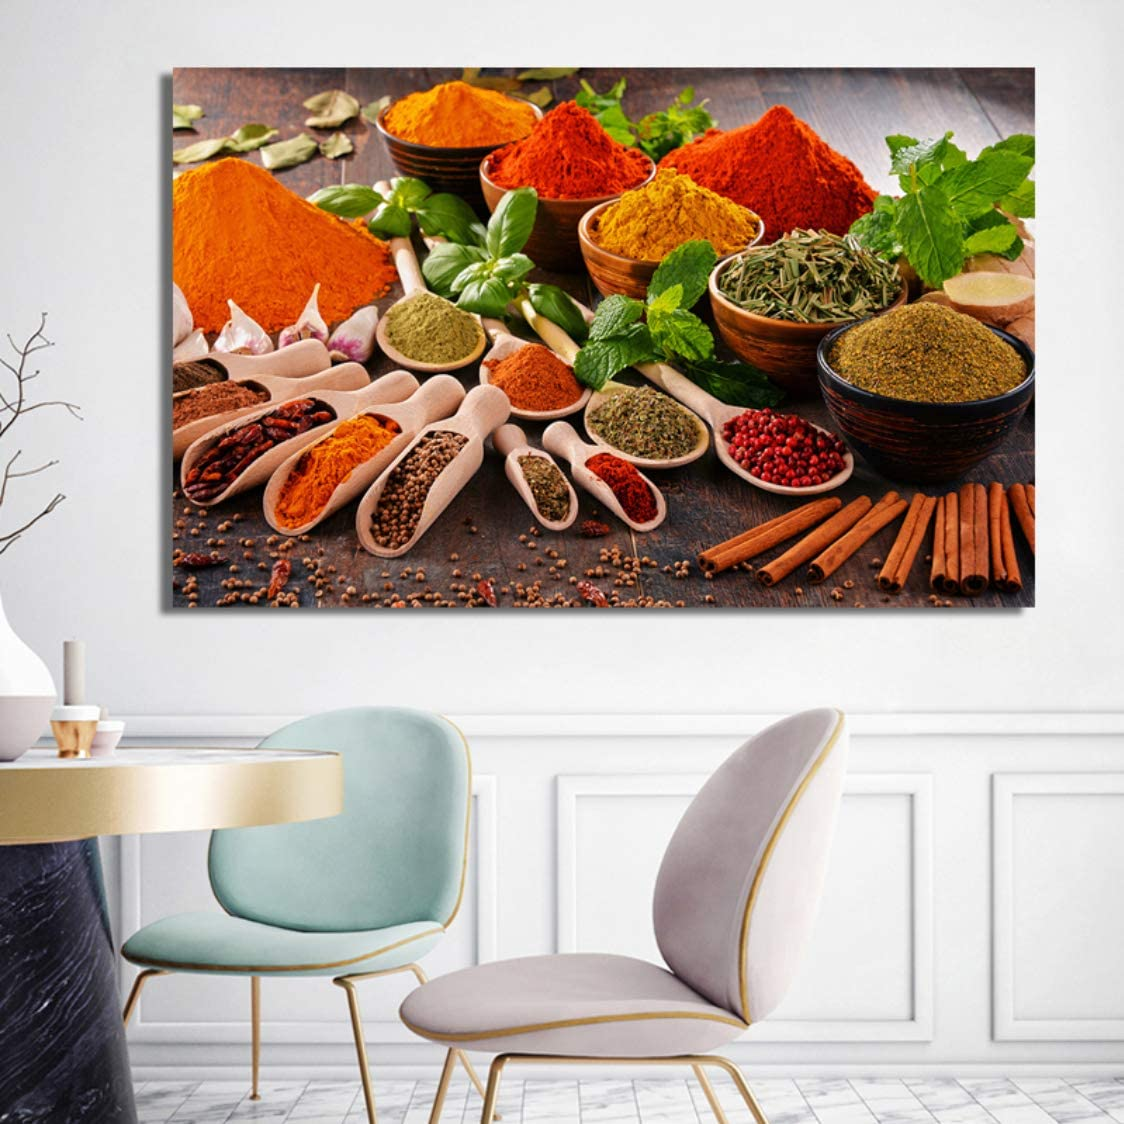 Danjiao Carteles E Impresiones Arte De La Pared Lienzo Pintura Frutas Verduras Y Condimentos Cuadros Decorativos Para El Comedor Decoración Para El Hogar Regalos Decor Del Dormitorio 60x90cm